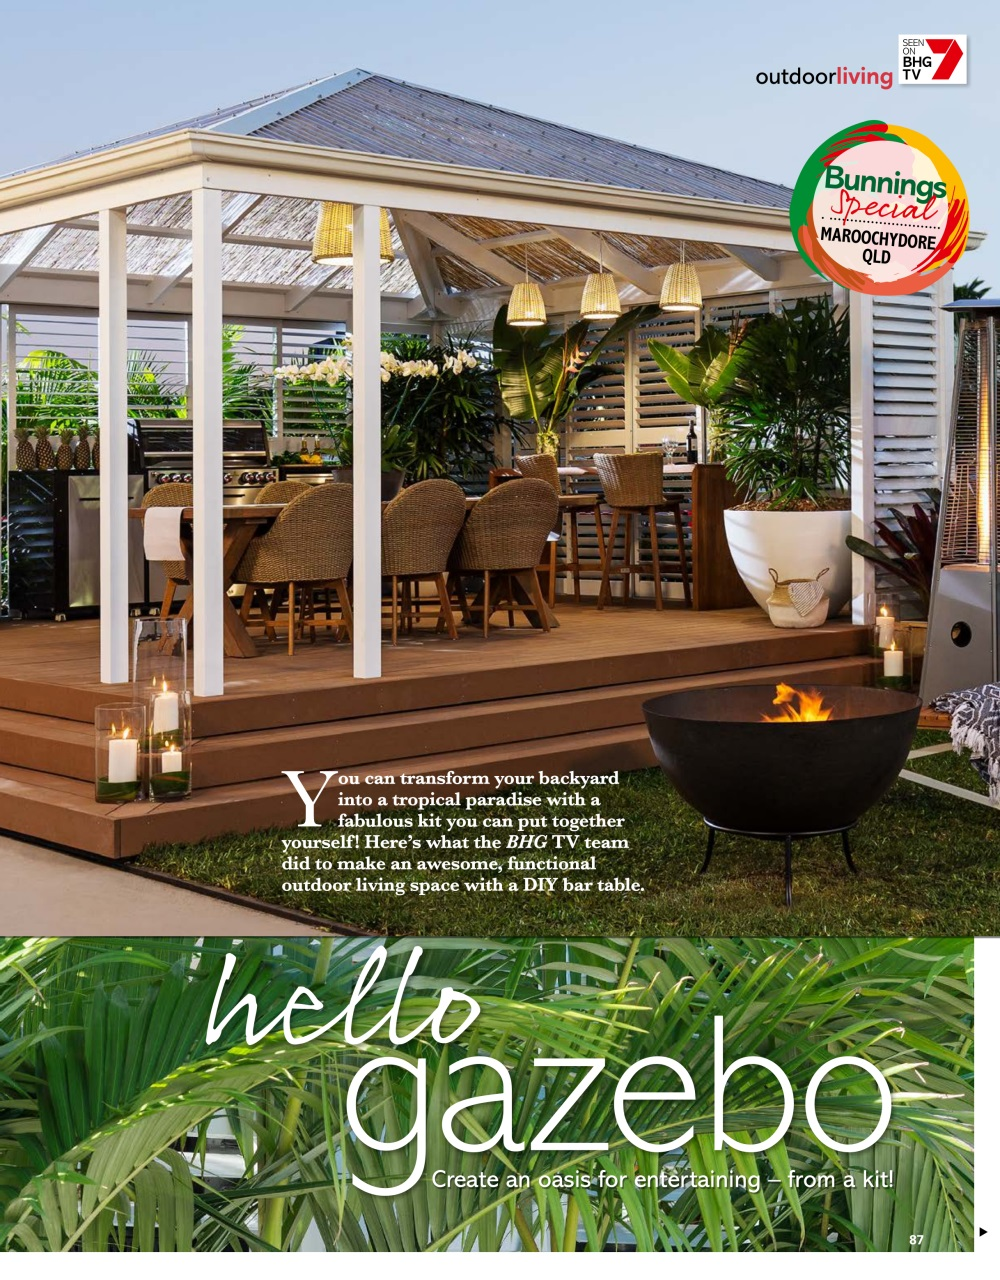 Better homes and gardens australia november 2016 Better homes and gardens australia